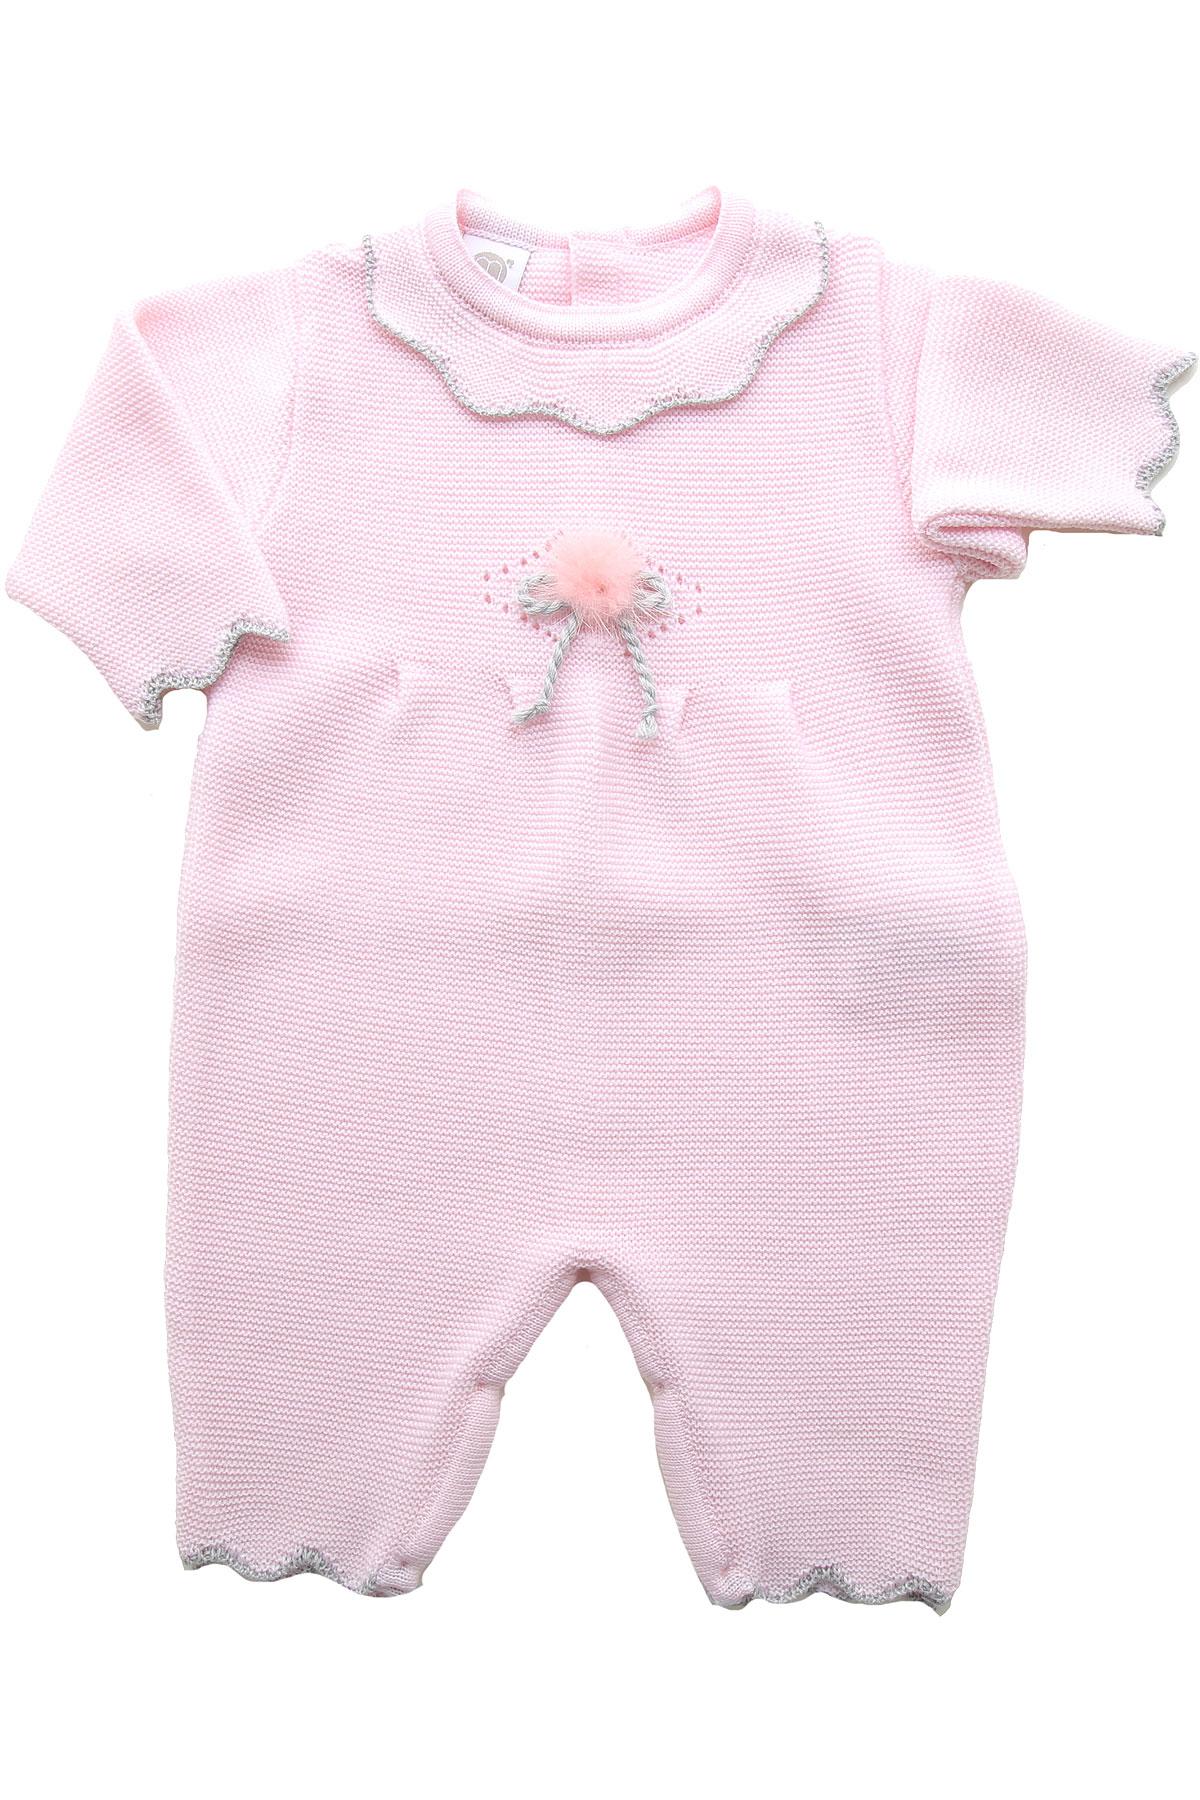 Marlu Baby Bodysuits & Onesies for Girls On Sale, Pink, Wool, 2019, 1M 3M